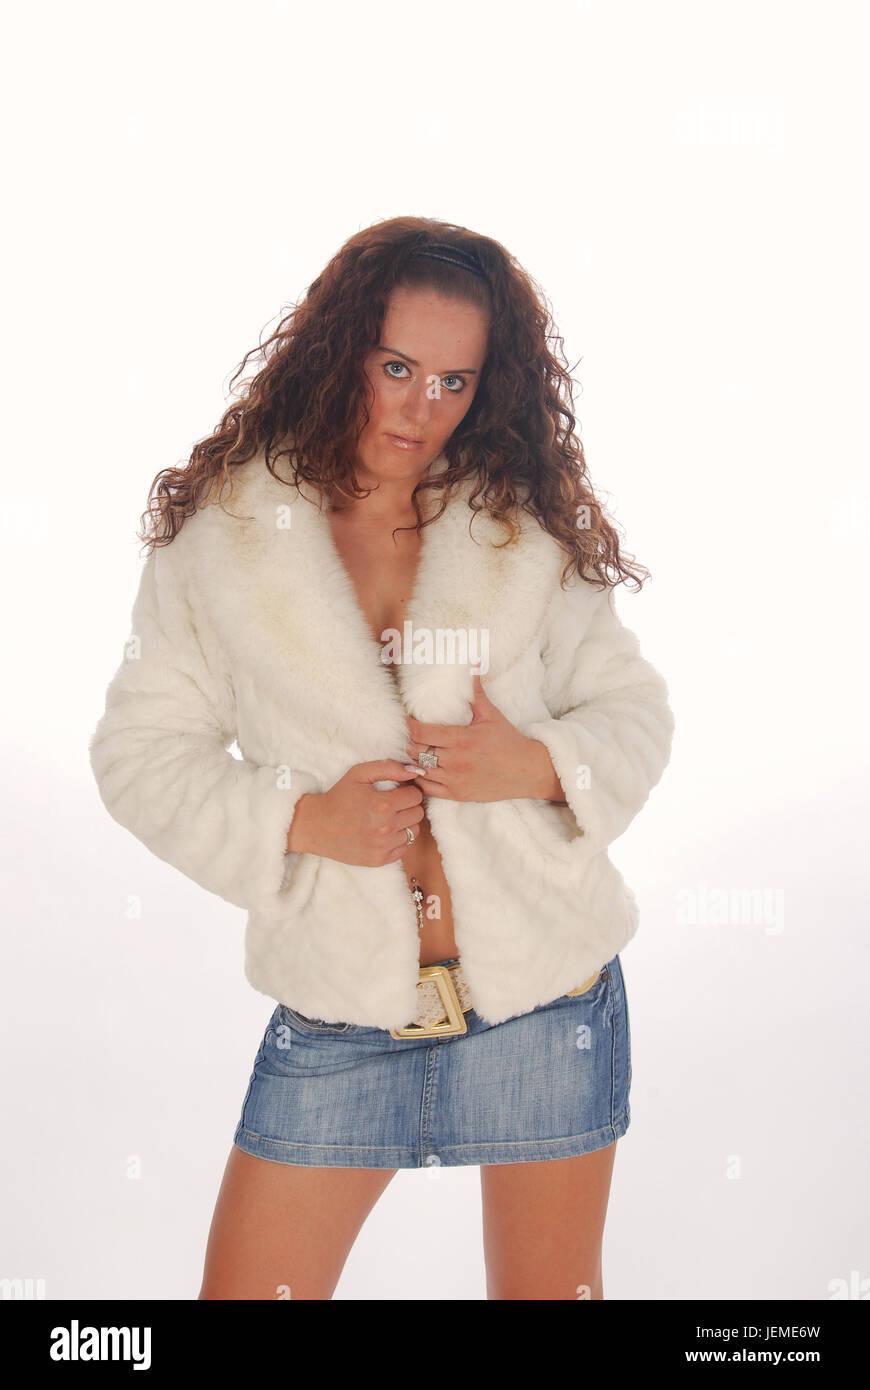 Belle jeune fille aux cheveux noirs dans le studio portant une mini-jupe en  jean 0e4c4458f77